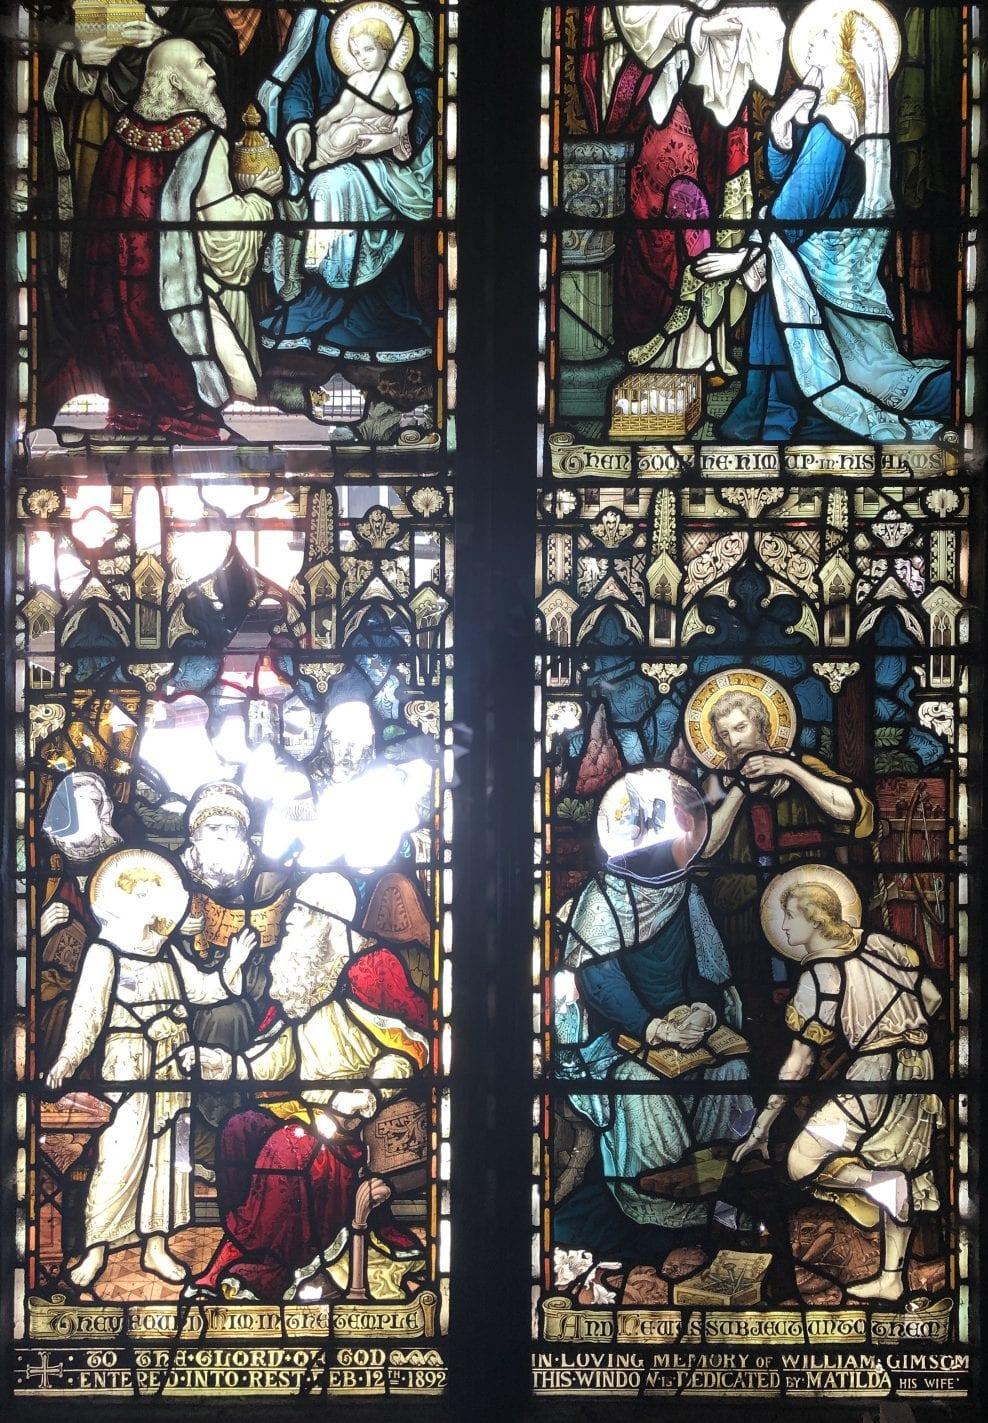 St. Peter's Church, Highfields, Leicester